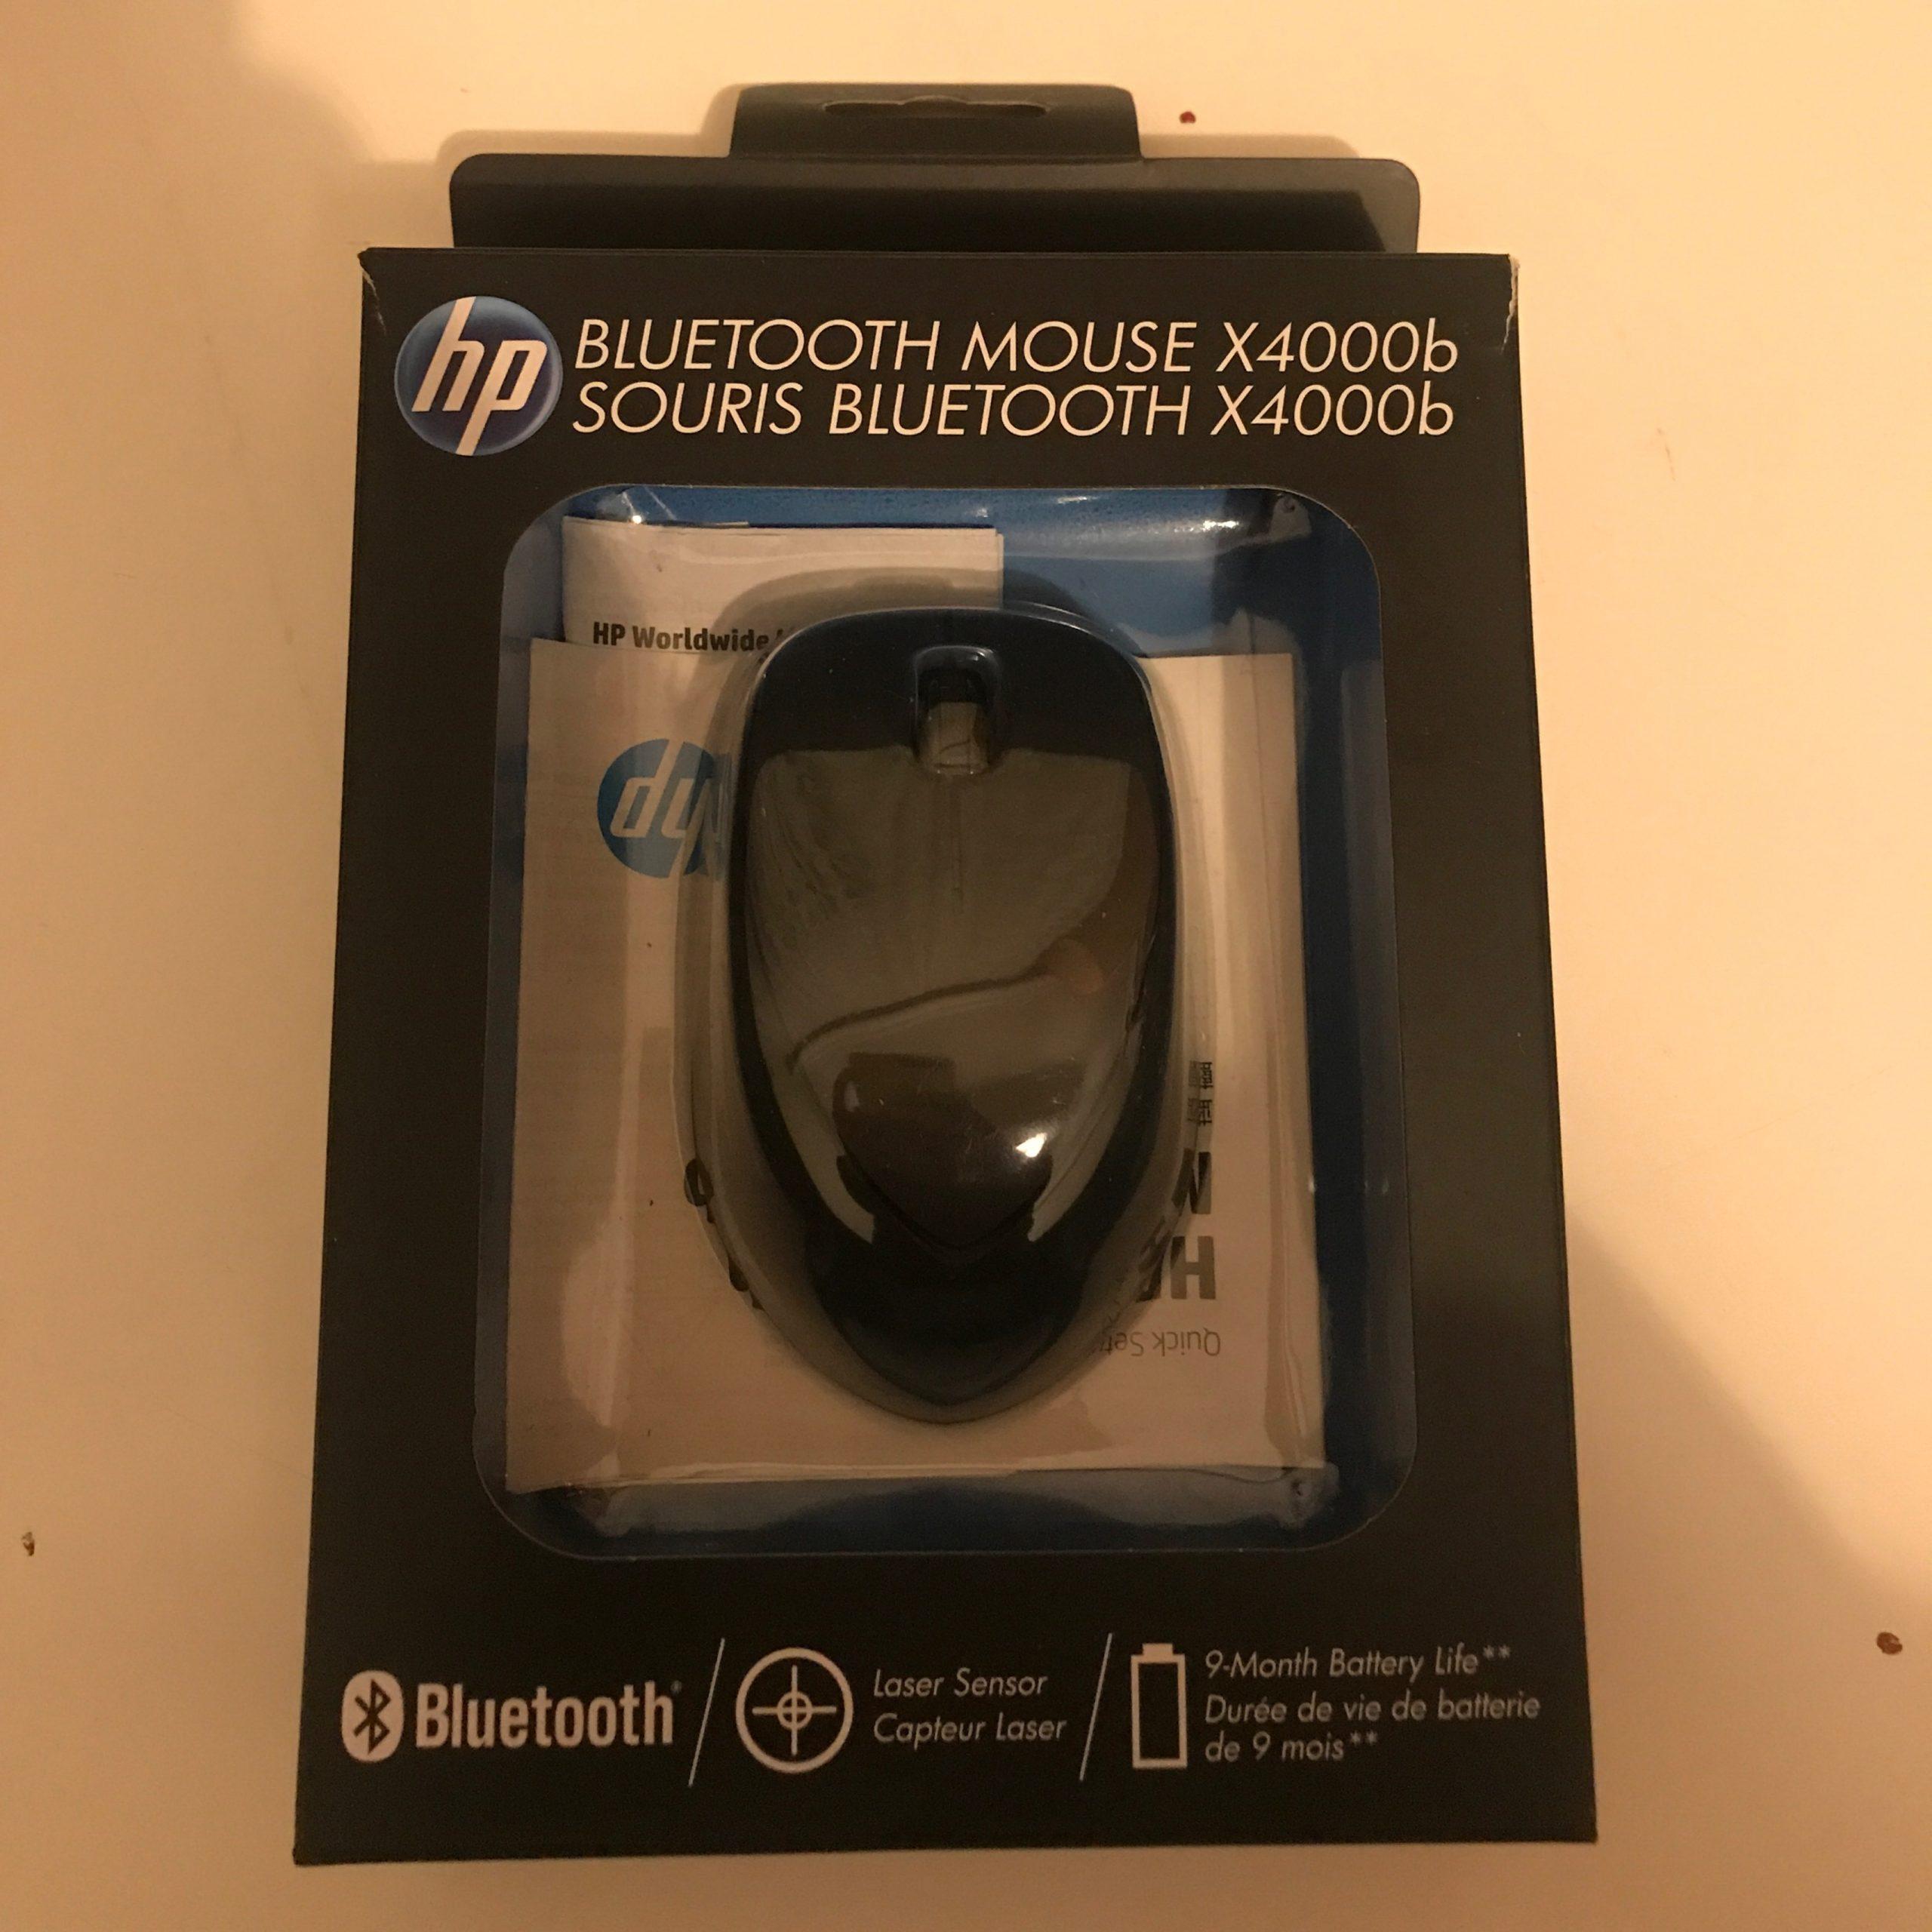 Hp Bluetooth Mouse X4000B encequiconcerne La Souris Du Web